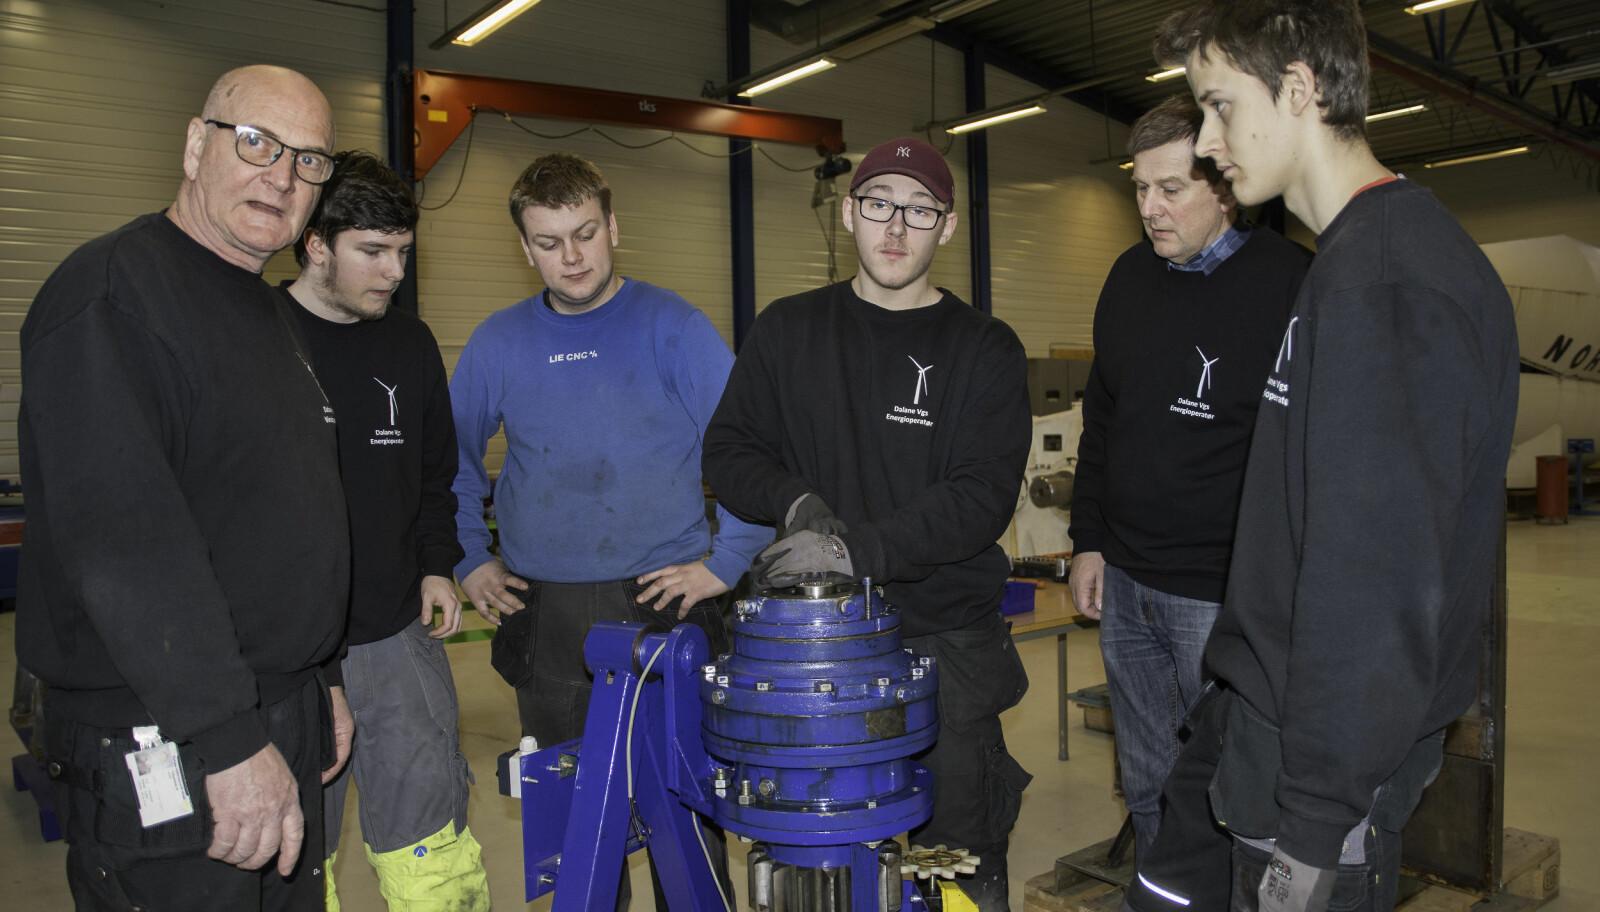 Girkassen er sentral i dagens undervisning. Her er elever og lærere samlet. Det er fra venstre: Arnt Olav Seglem, Kasper Aleksander Jackowski, Fredrik Karlsson, Daniel Pedersen, Kurt Helgestad og Jan Wirowski.